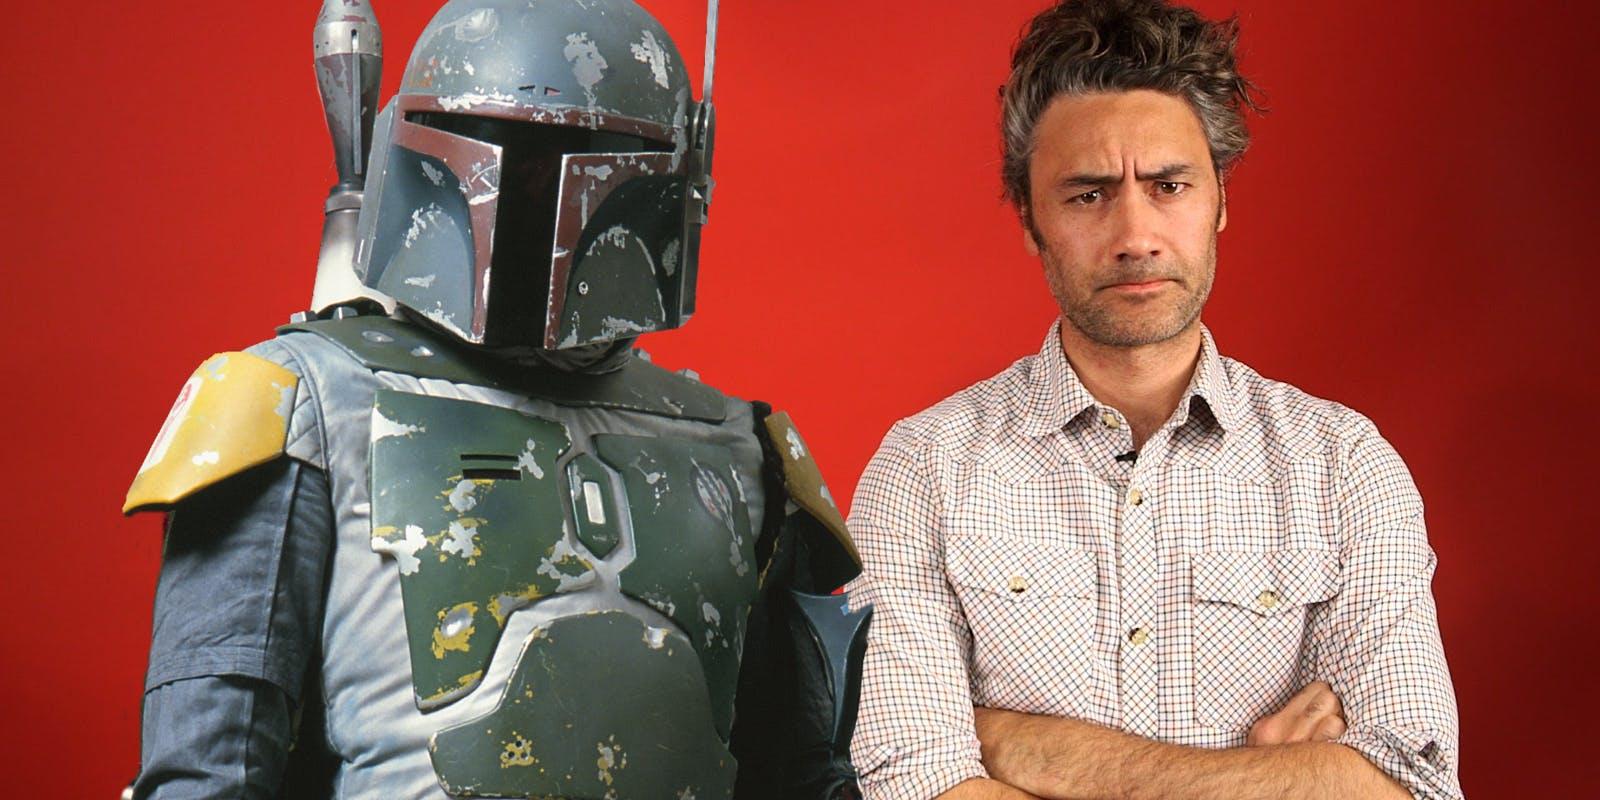 Новости Звездных Войн (Star Wars news): Тайка Вайтити снимет несколько серий «Мандалорца» Джона Фавро